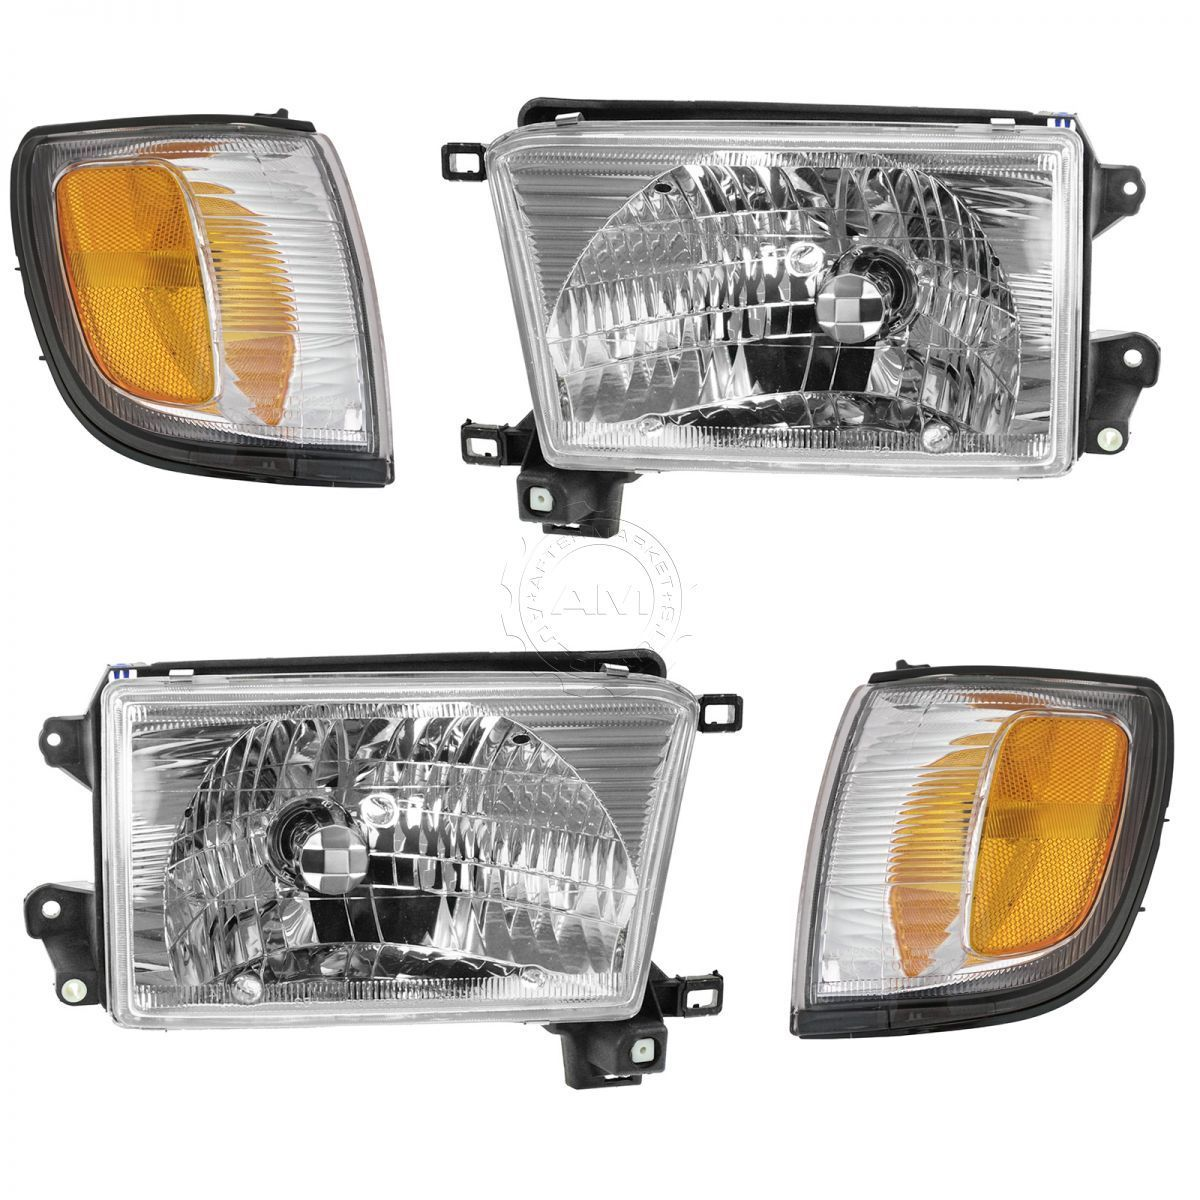 コーナーライト HeadLight Corner Light Driver Passenger Kit Set of 4 for 99-02 Toyota 4Runner 99-02トヨタ4Runnerのヘッドライトコーナーライトドライバの旅客キットセット4